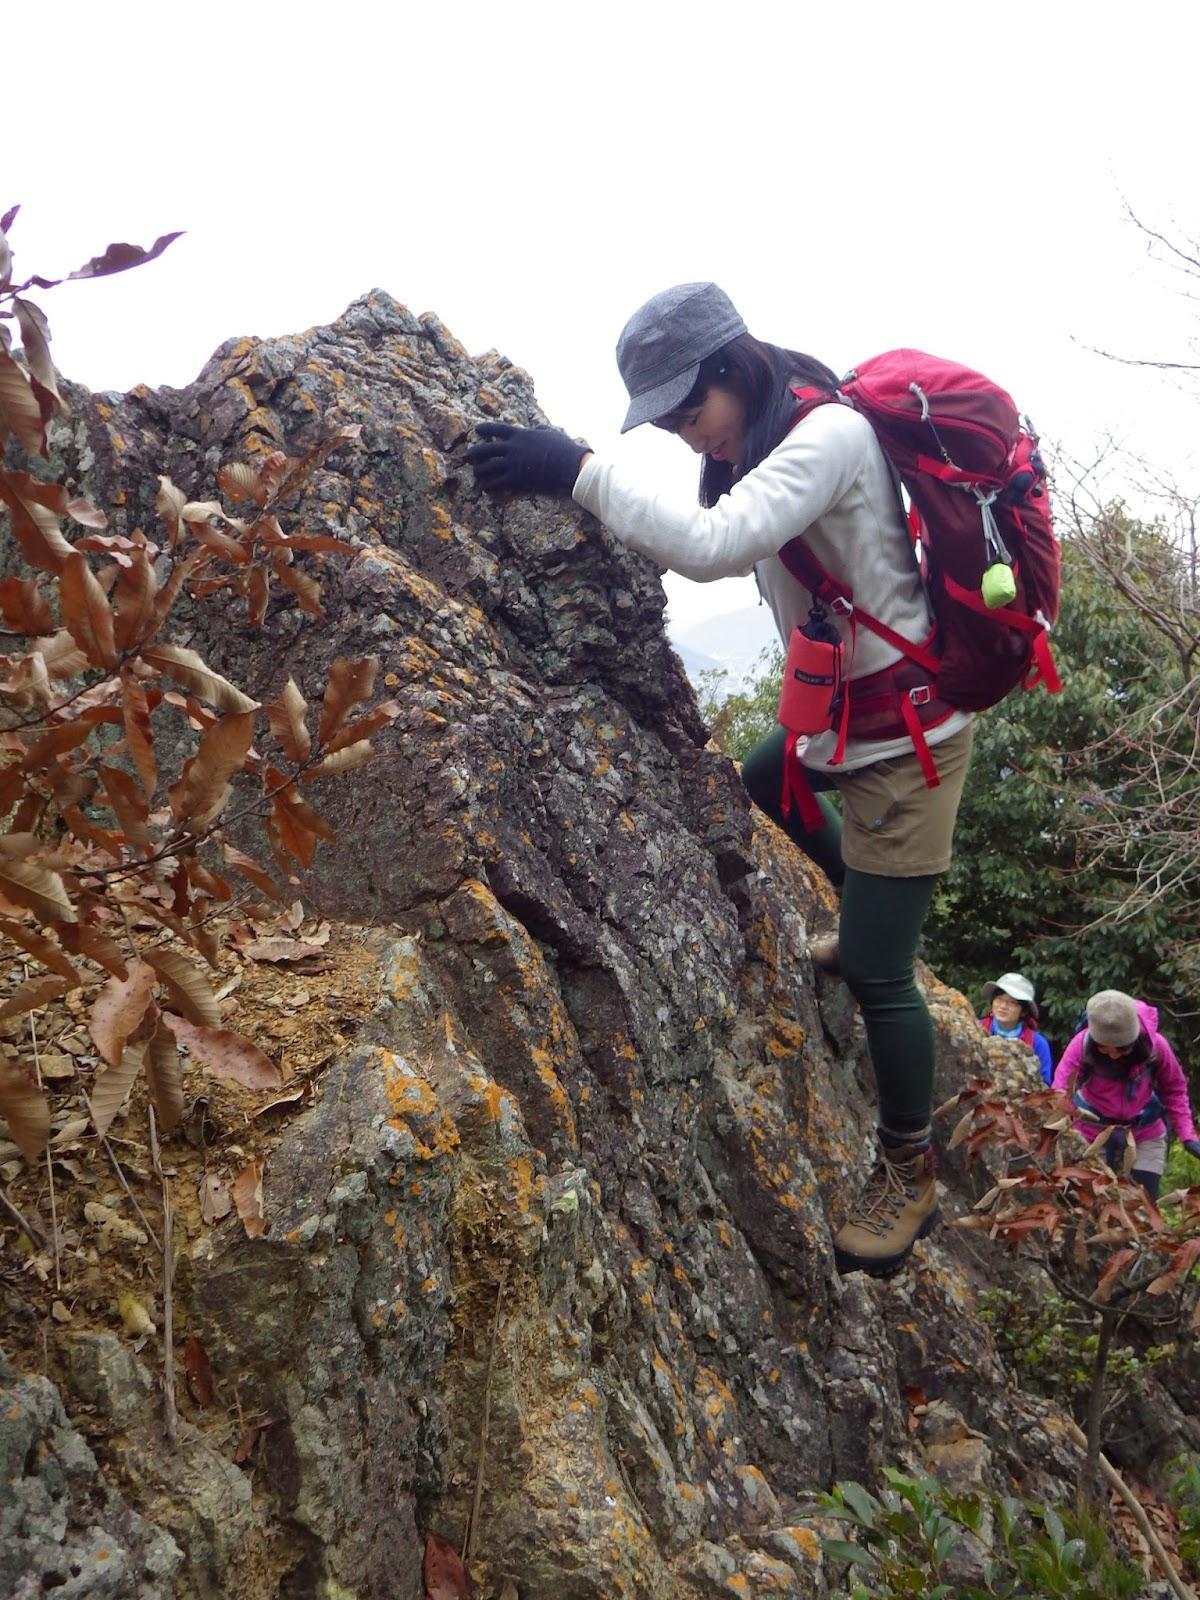 こうして岩場や鎖場を登れば、足や手を滑らせても滑落せずにすみます。 ...  第5回『おはようハ